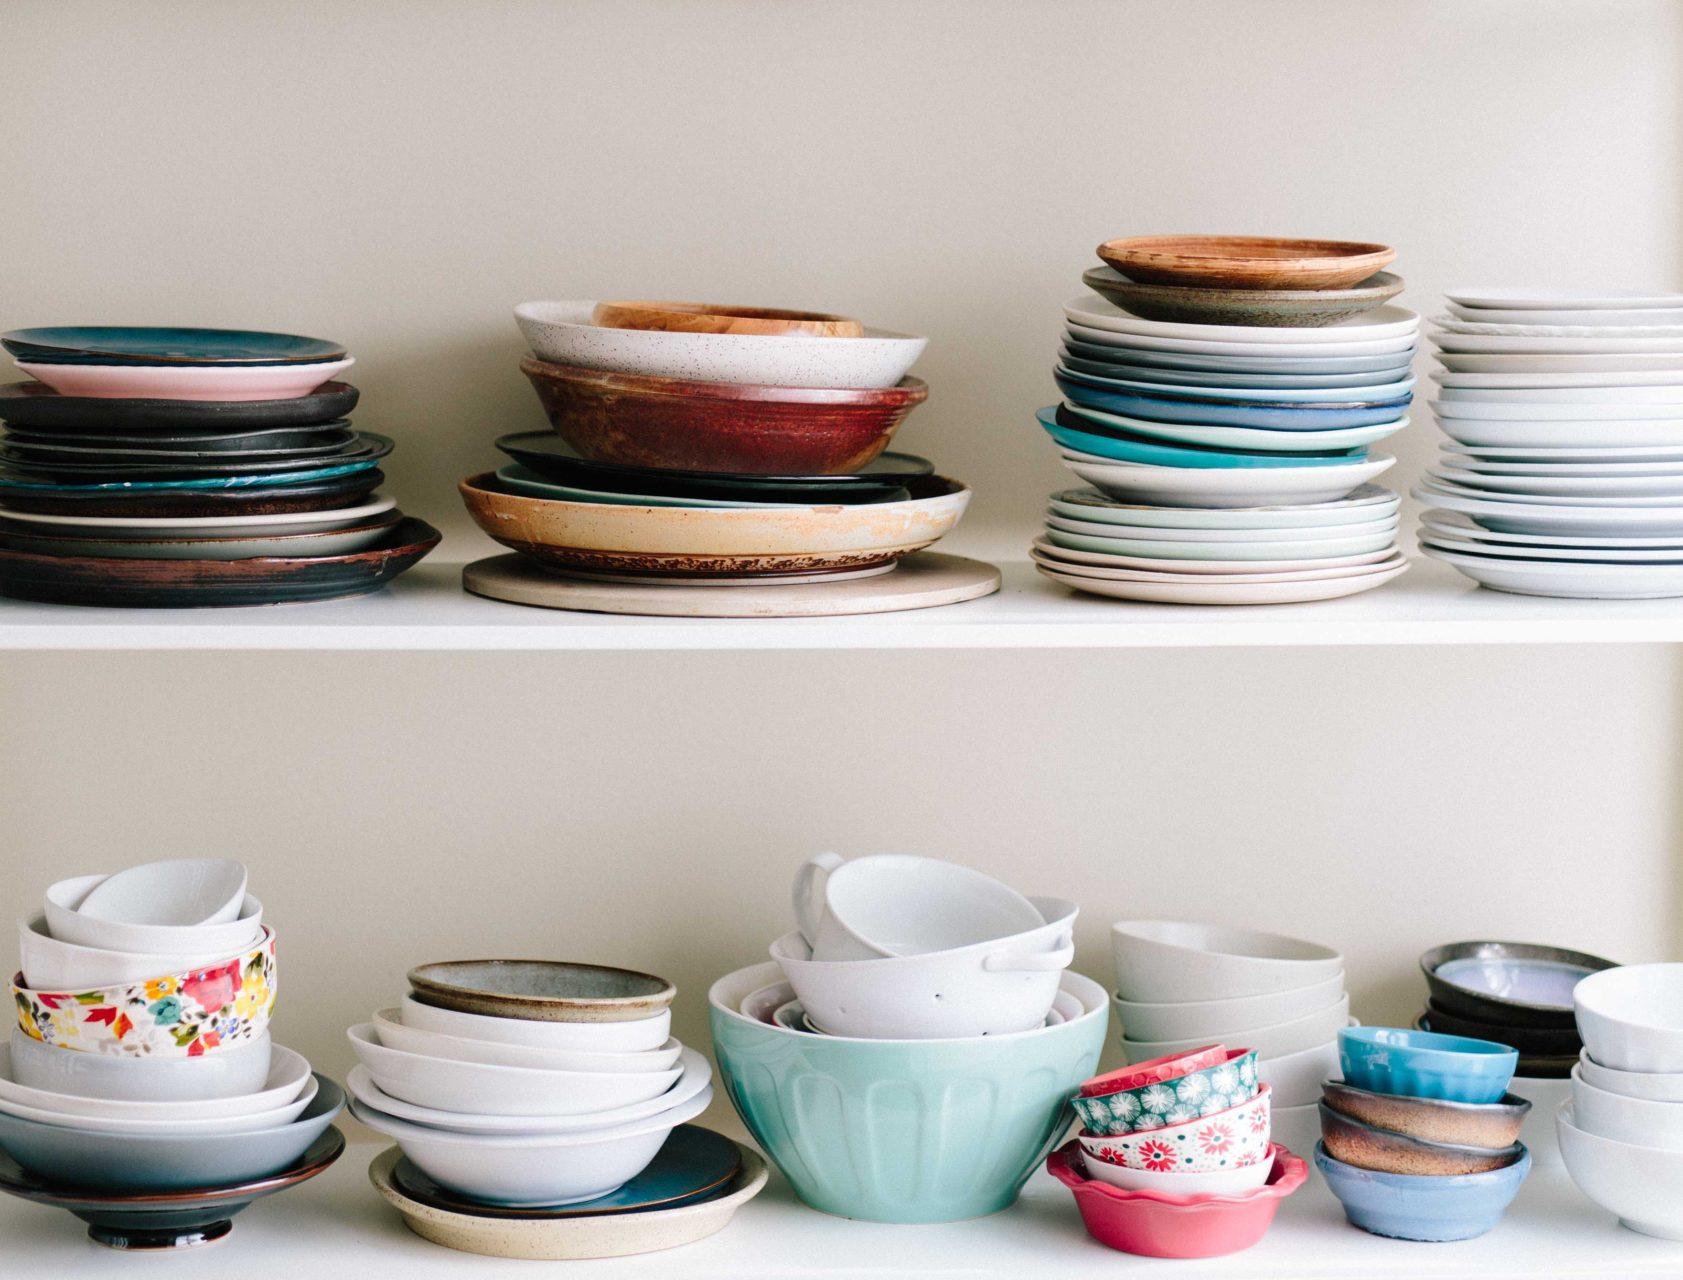 kitchen shelf full of dishes